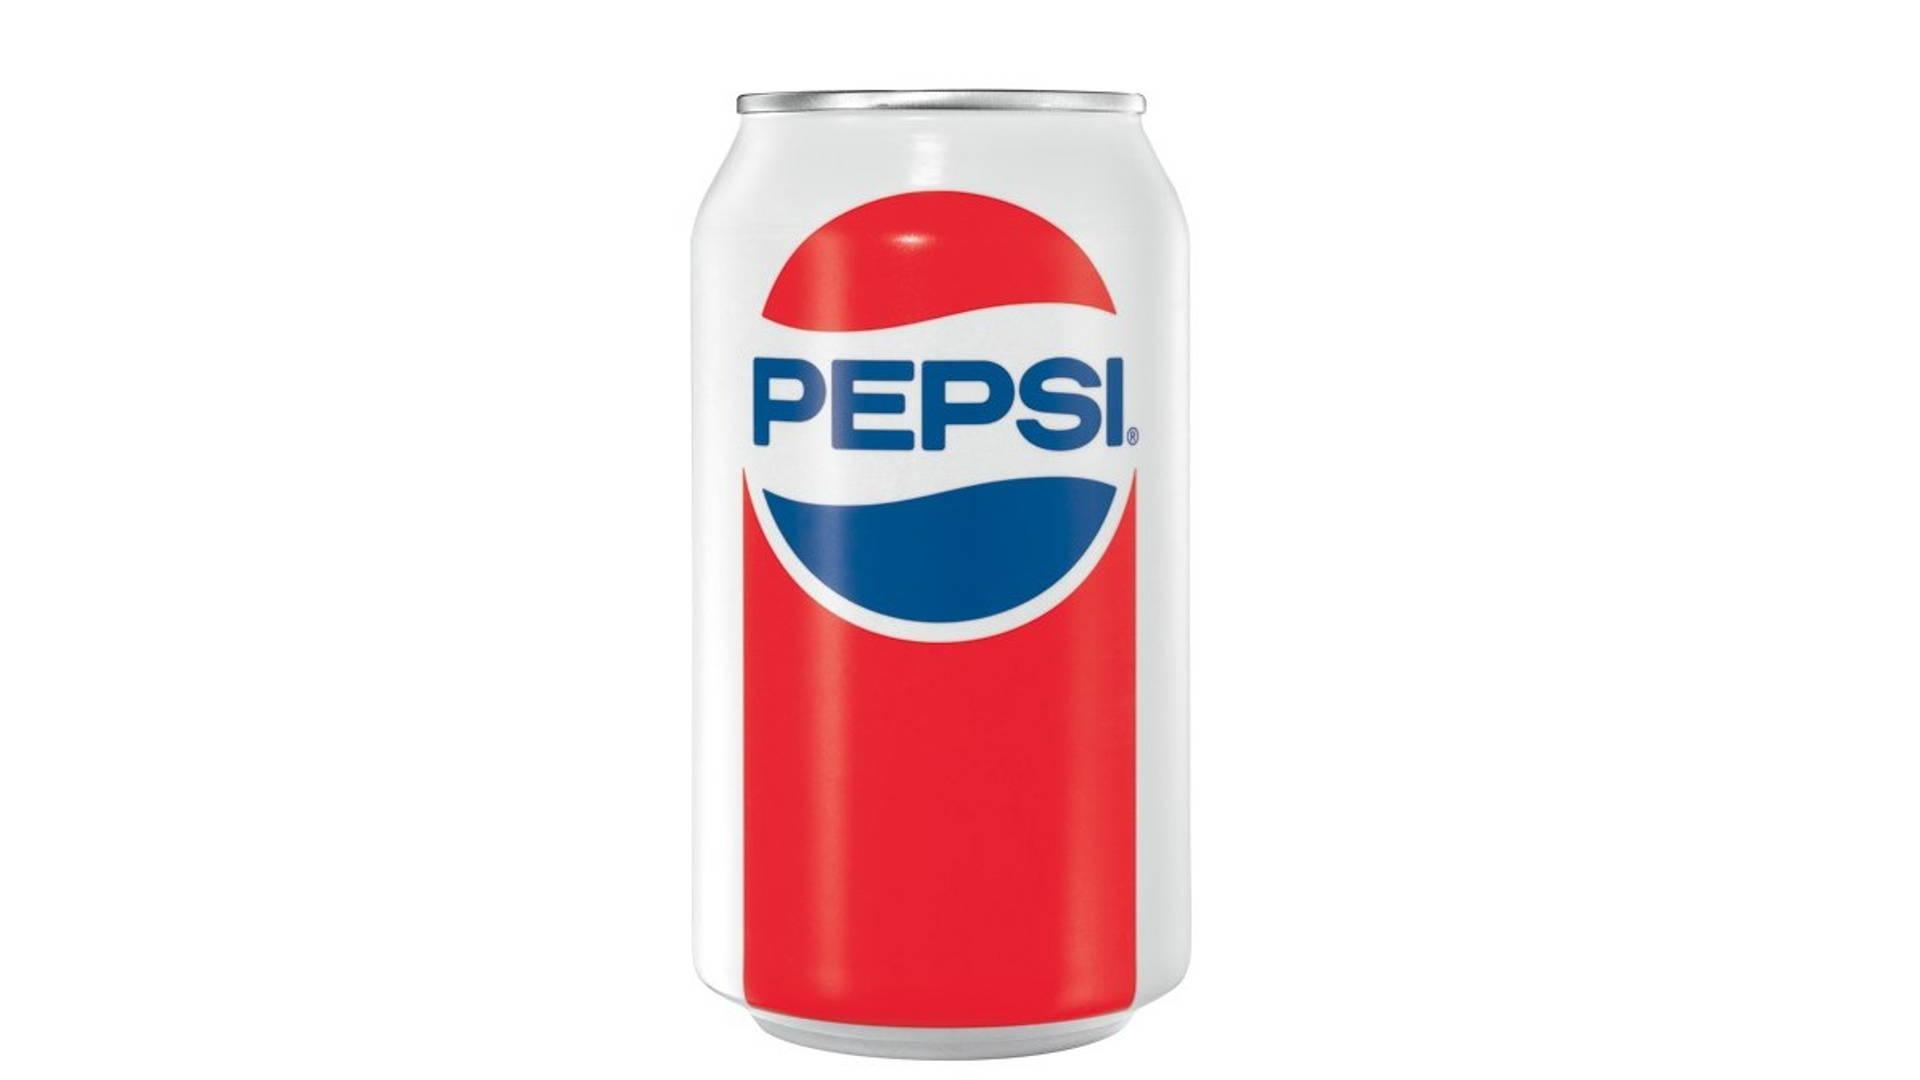 Пепси 1990 года вода оптом цена